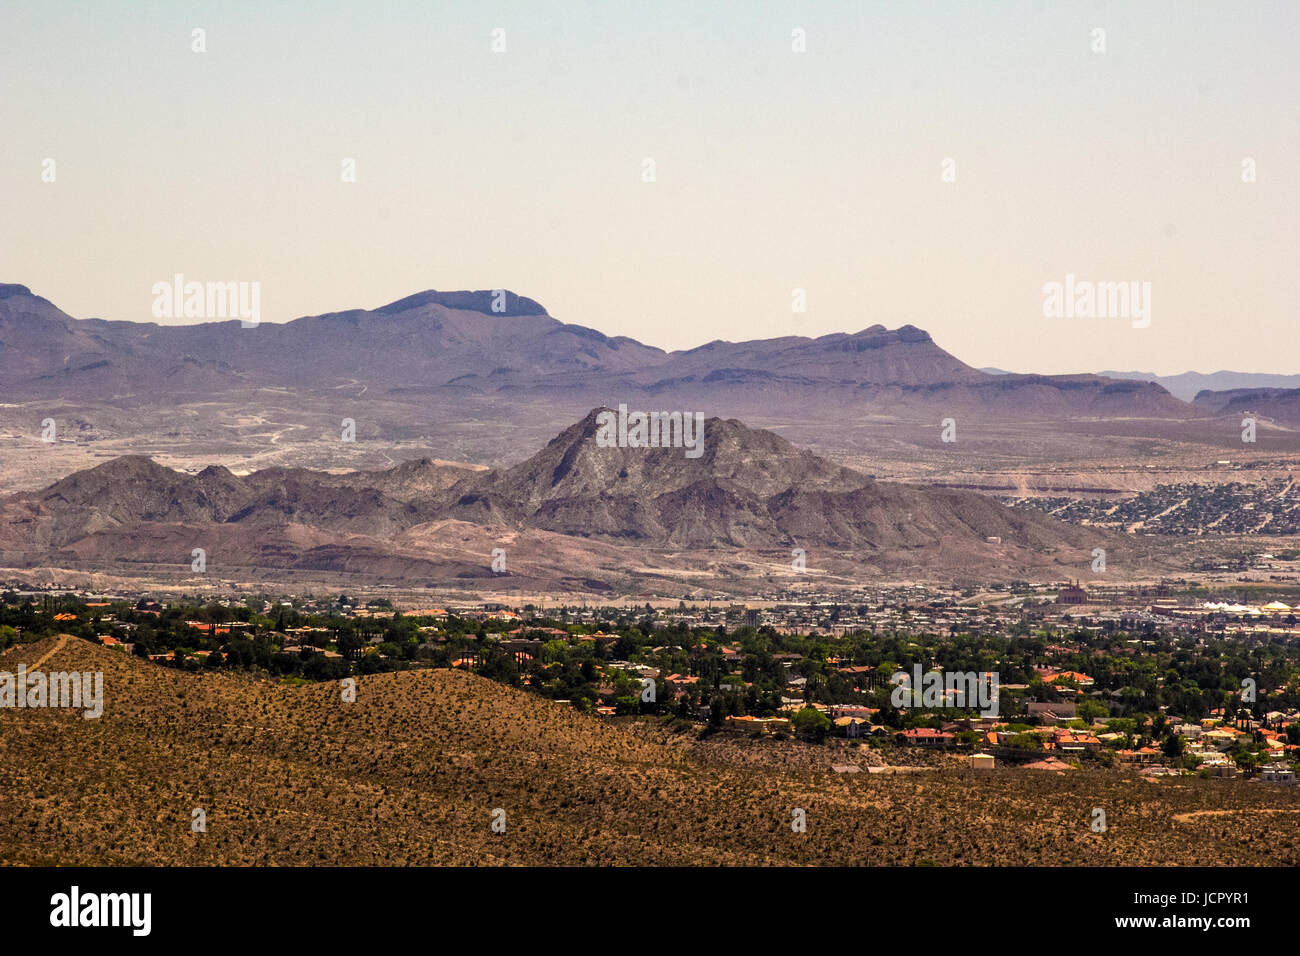 mountains surrounding El Paso - Stock Image